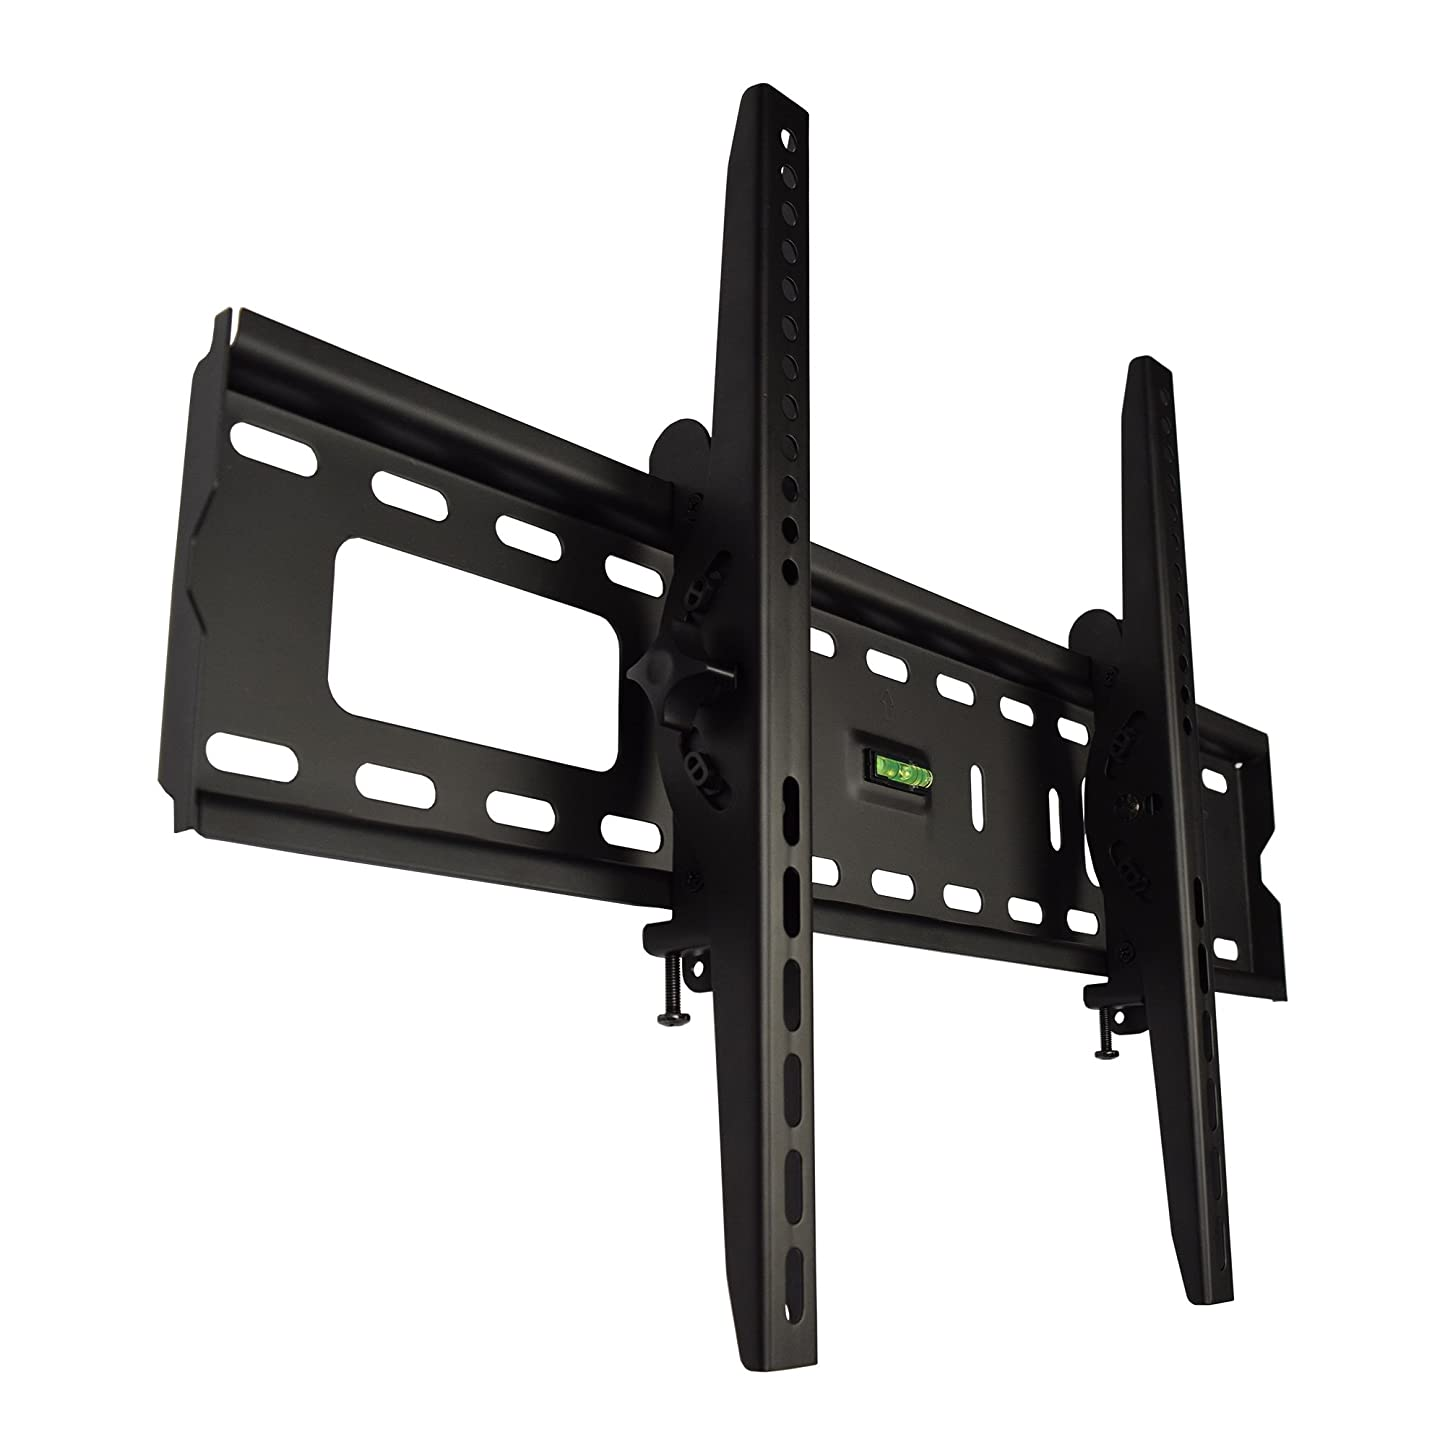 カバー徹底制限テレビ 壁掛け 金具 STARPLATINUM 液晶 TV モニター TVセッターチルト FT100 37-65インチ対応 Mサイズ ブラック